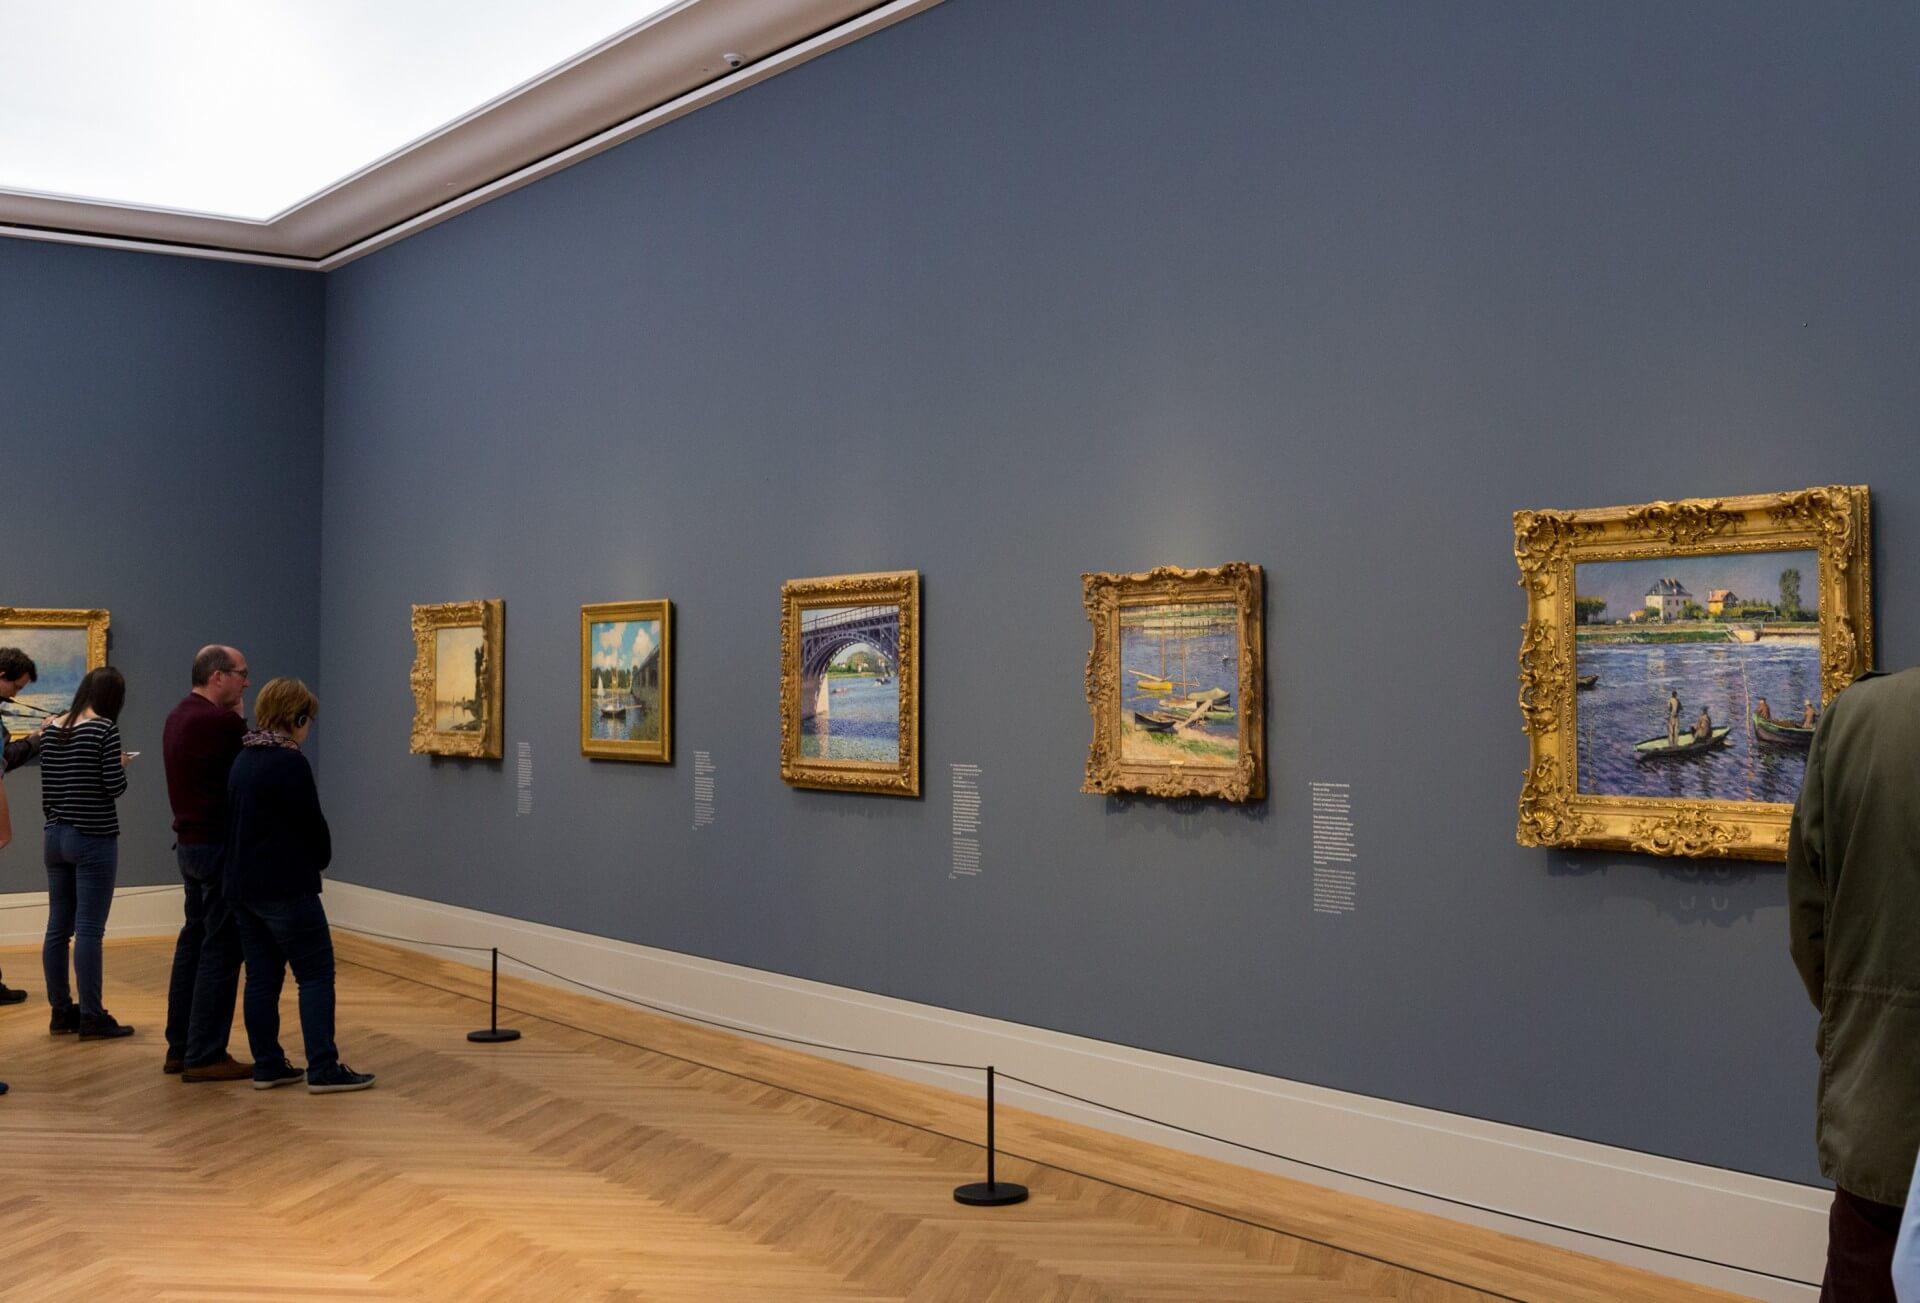 Impressionisten im Barberini